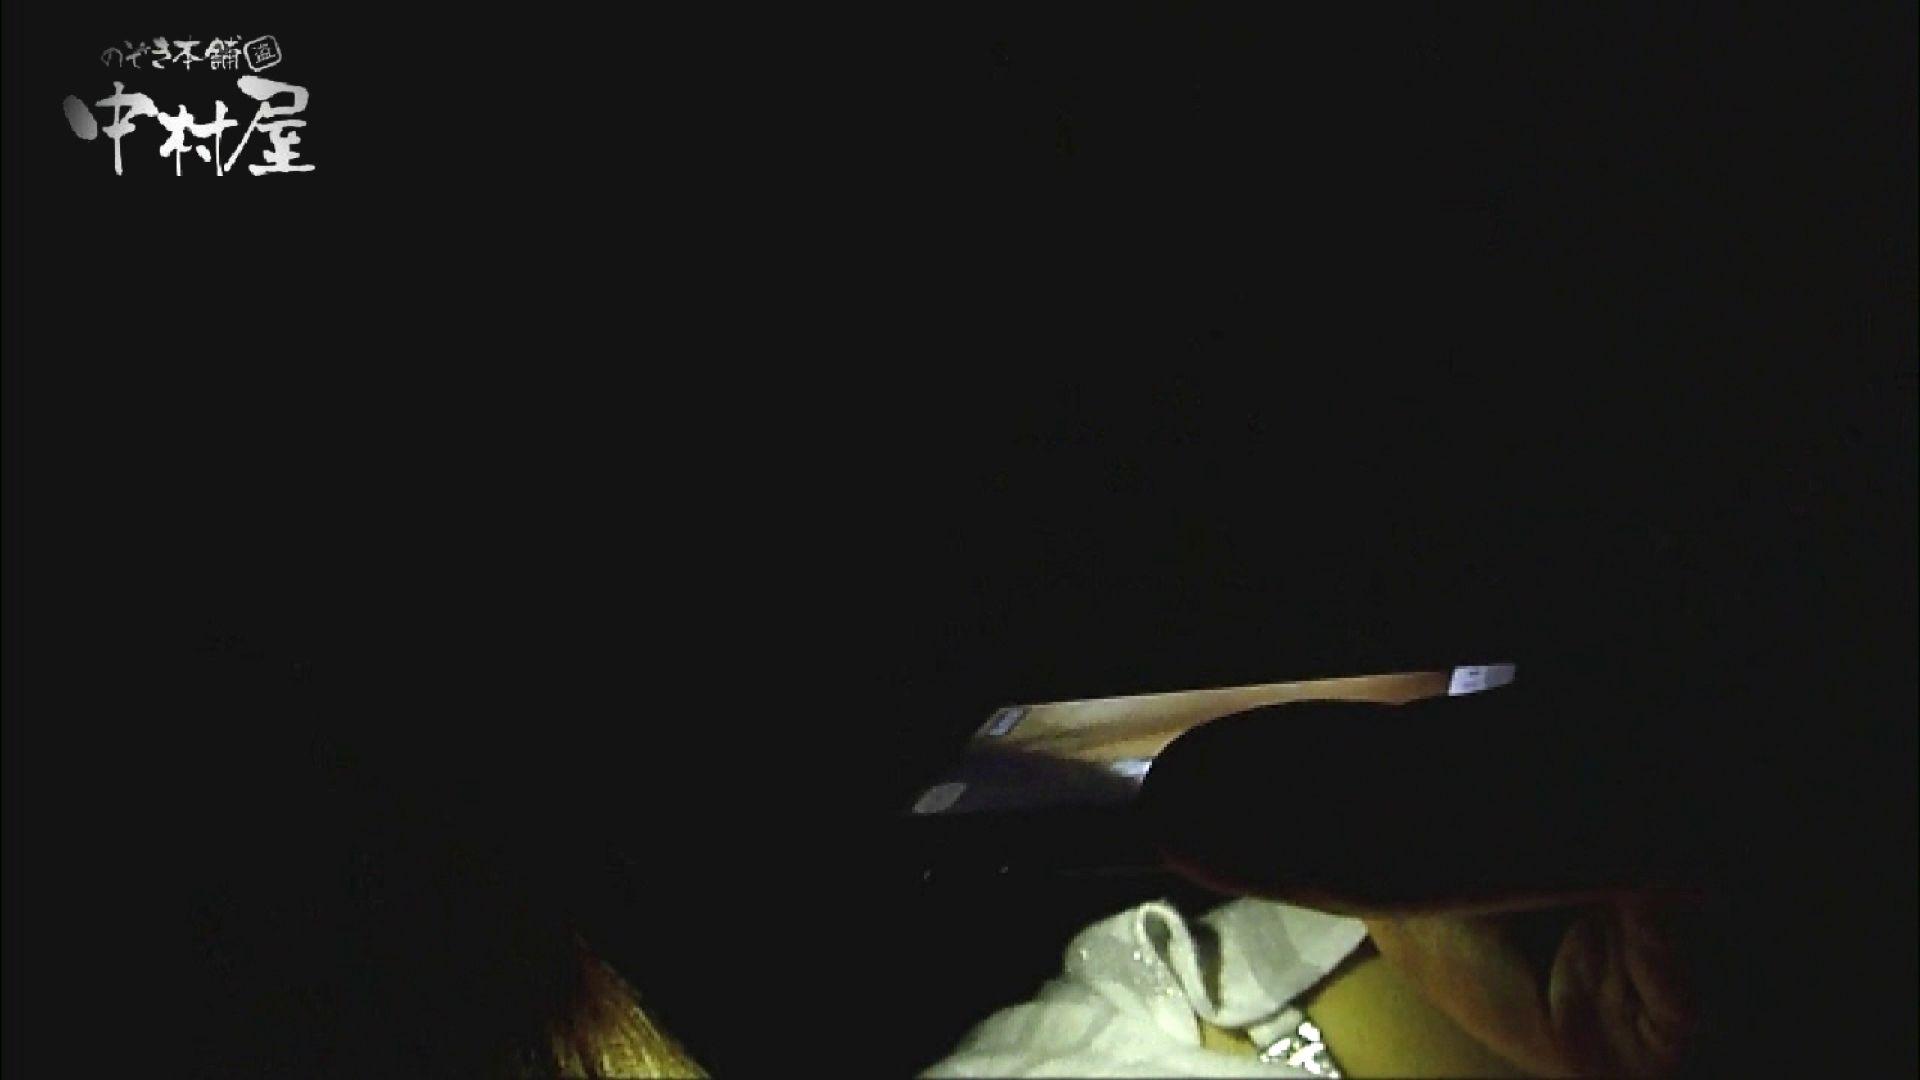 欲望 リアルドール Vol.01 Kちゃんショップ店員店員20歳 HなOL | Hな女子大生  67pic 15